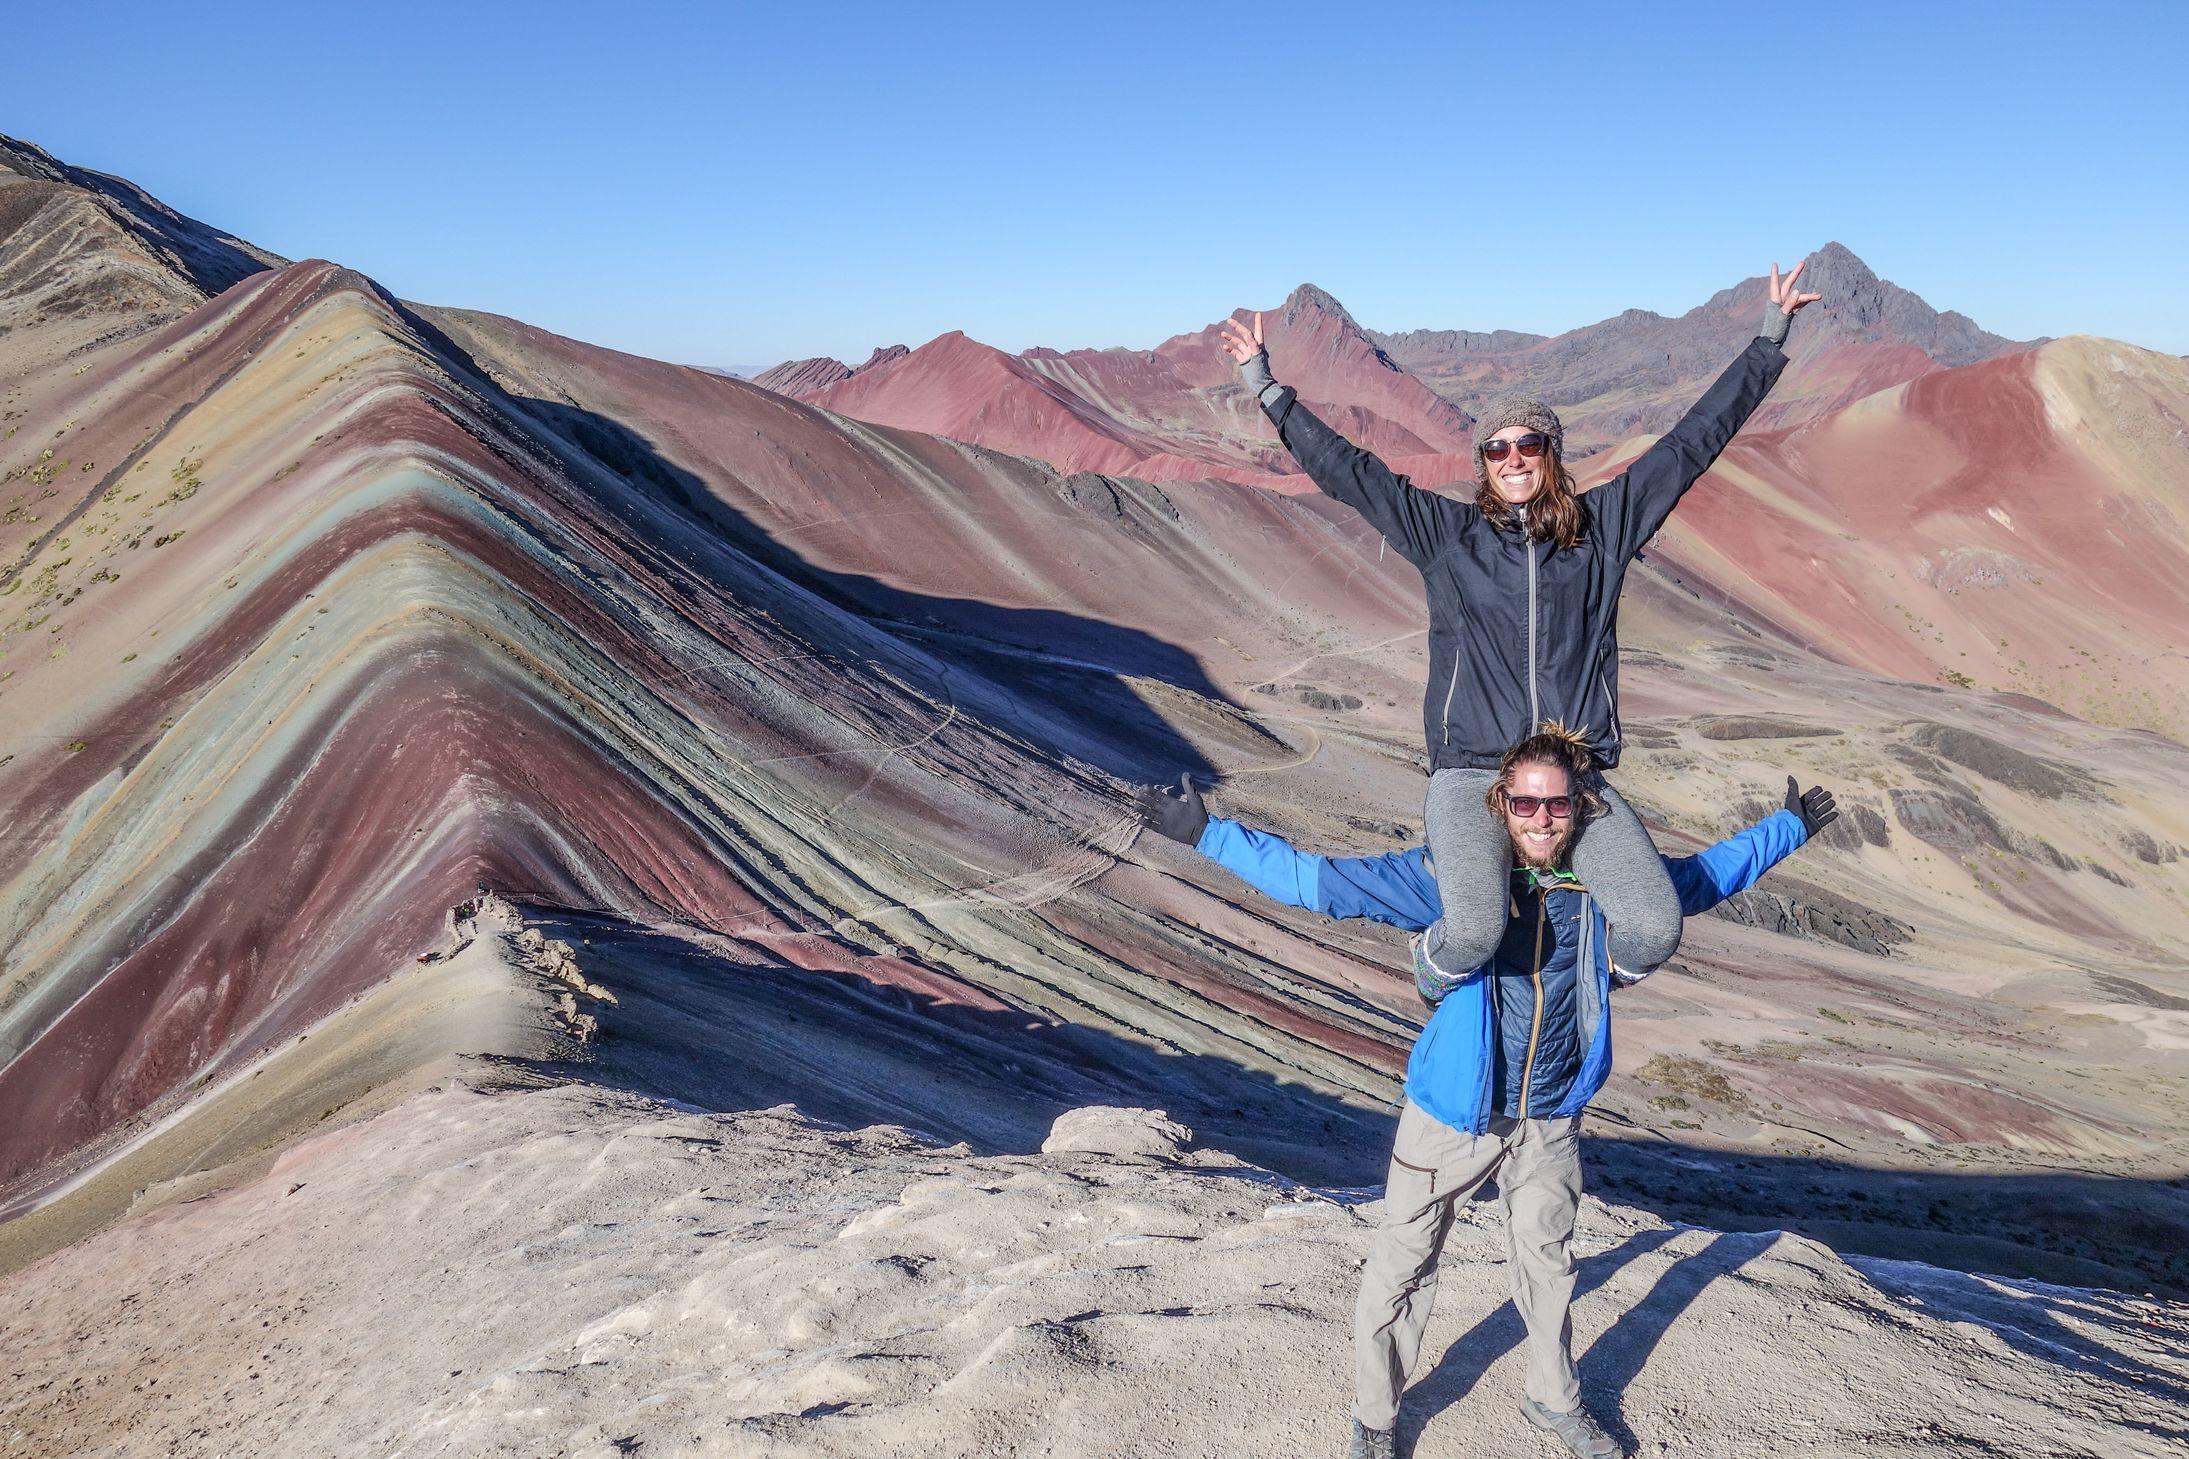 Cerro_Colorado_Pause